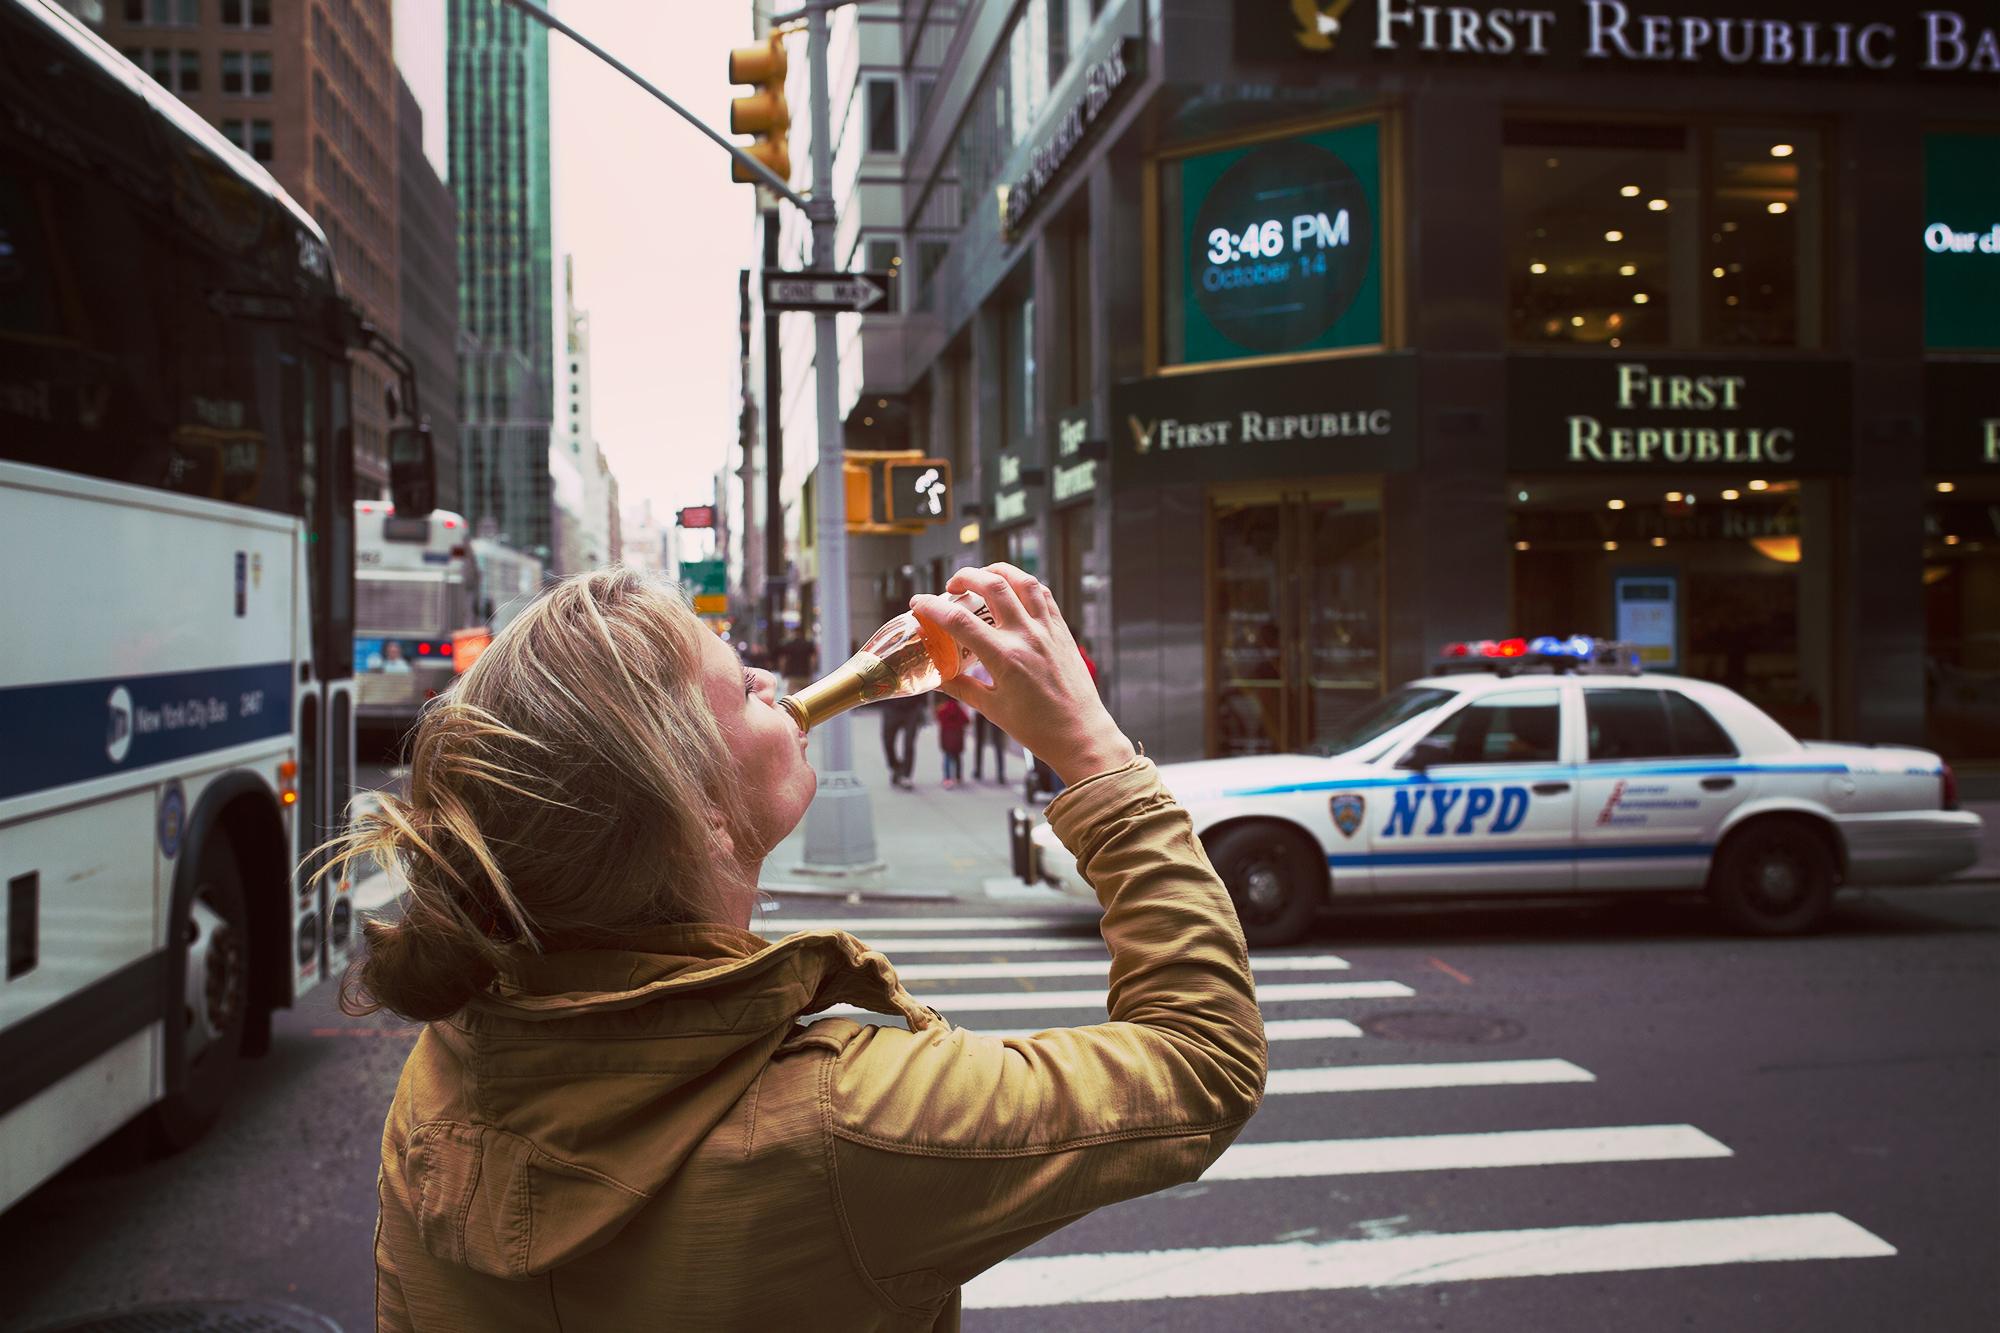 Vinada New York Police Car.jpg